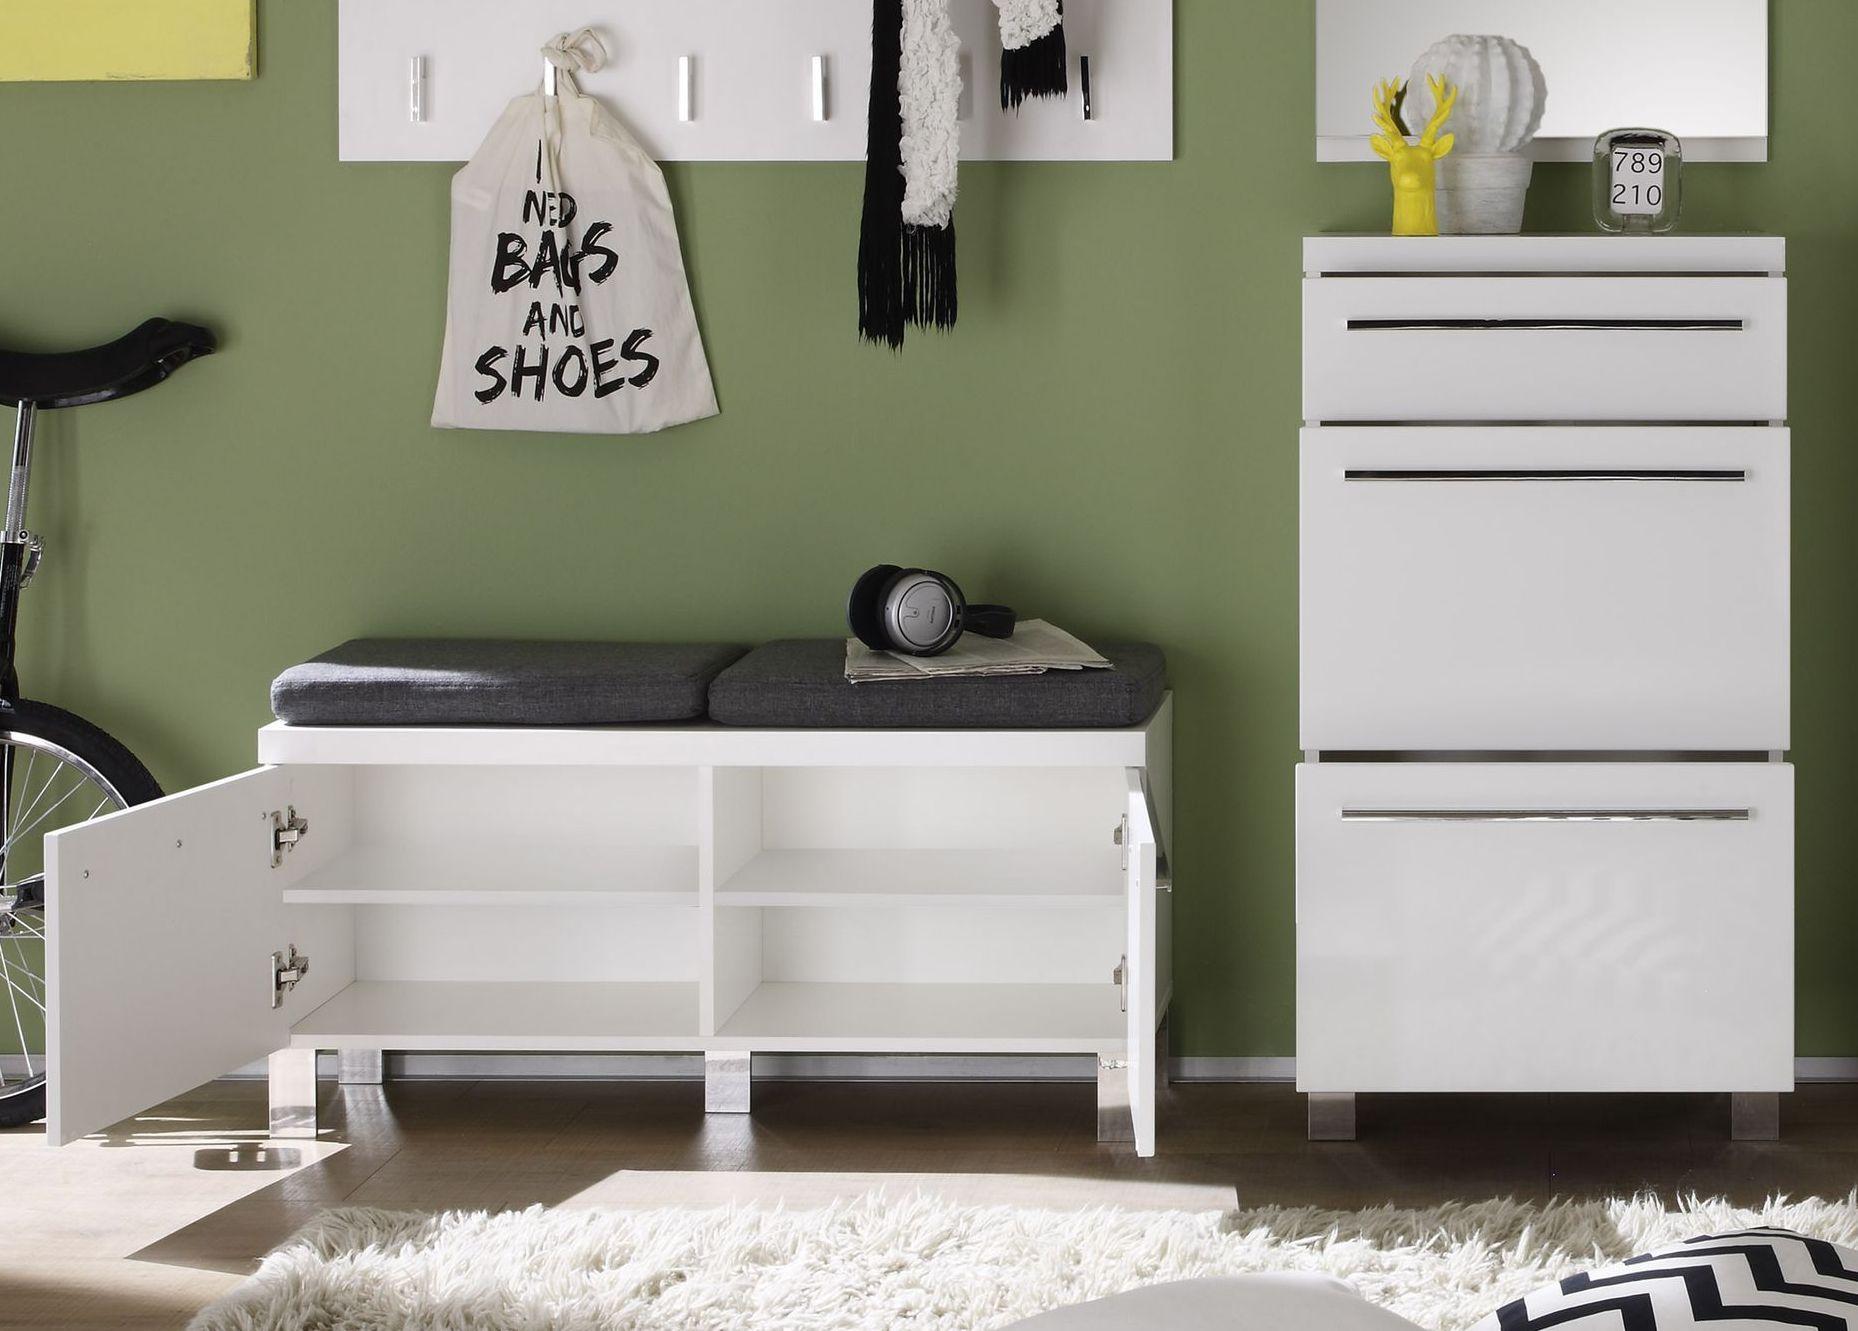 die besten 25 garderobenset ideen auf pinterest garderoben set smart m bel und zimmer nach vorne. Black Bedroom Furniture Sets. Home Design Ideas